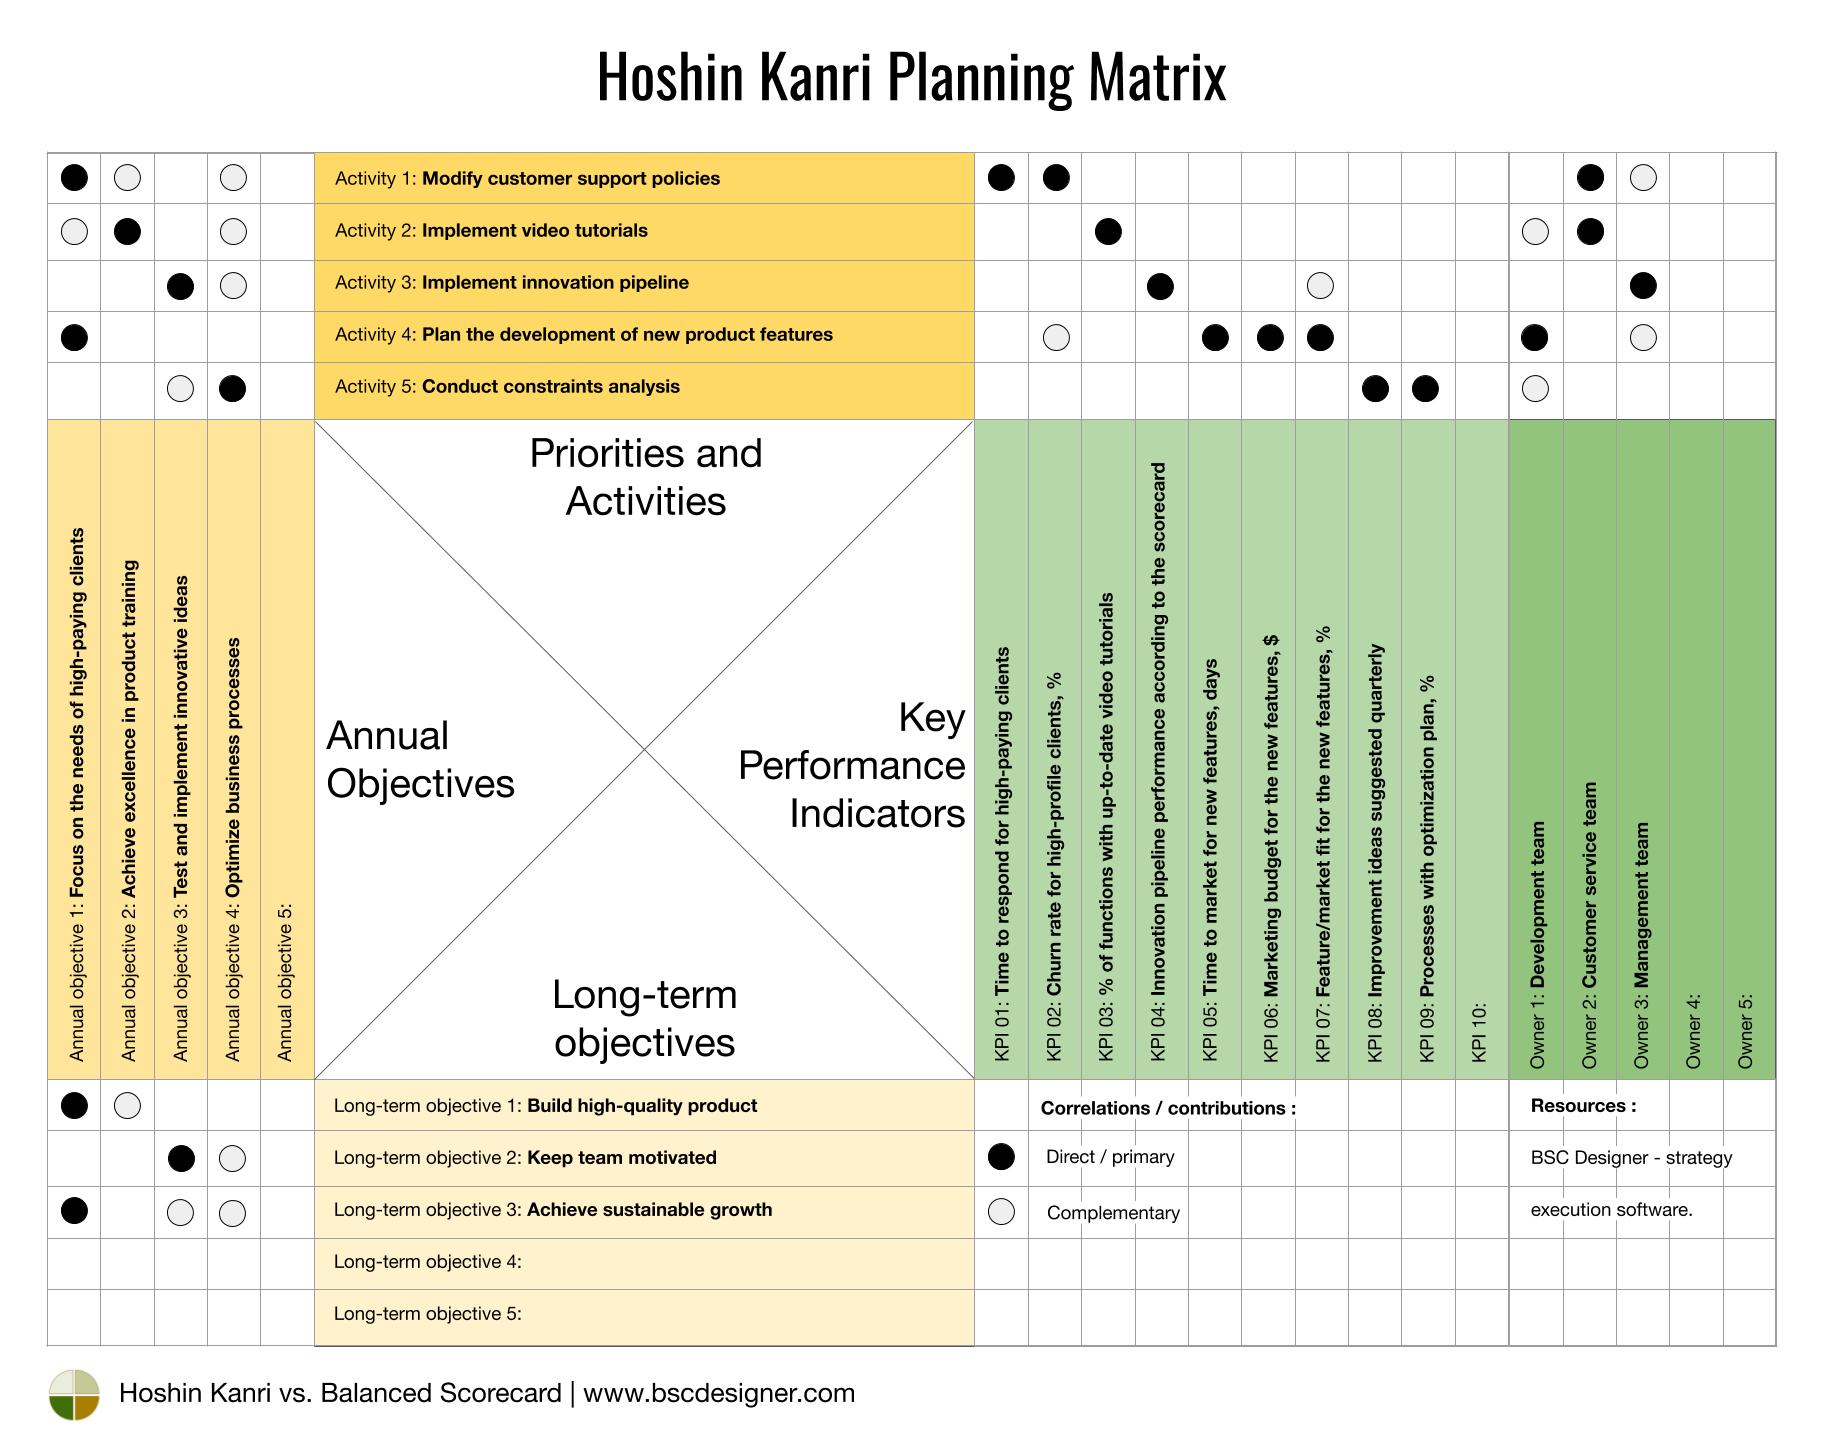 Hoshin Kanri Planning Matrix